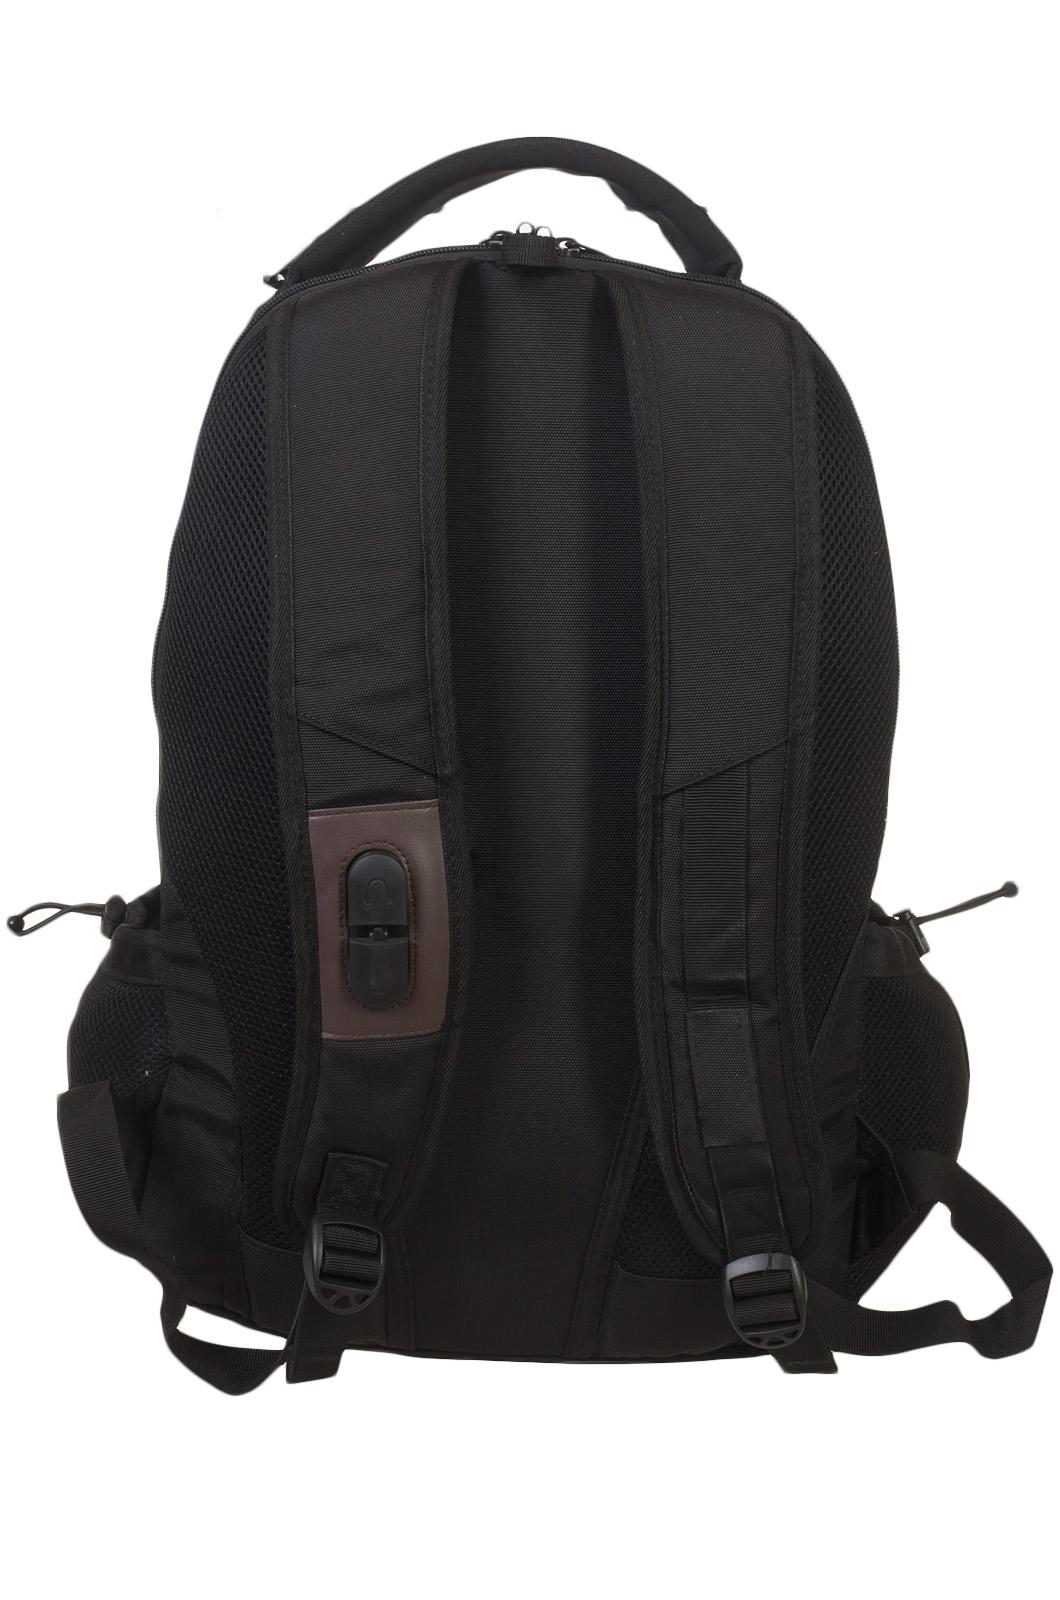 Практичный городской рюкзак с нашивкой Погранвойска - купить выгодно